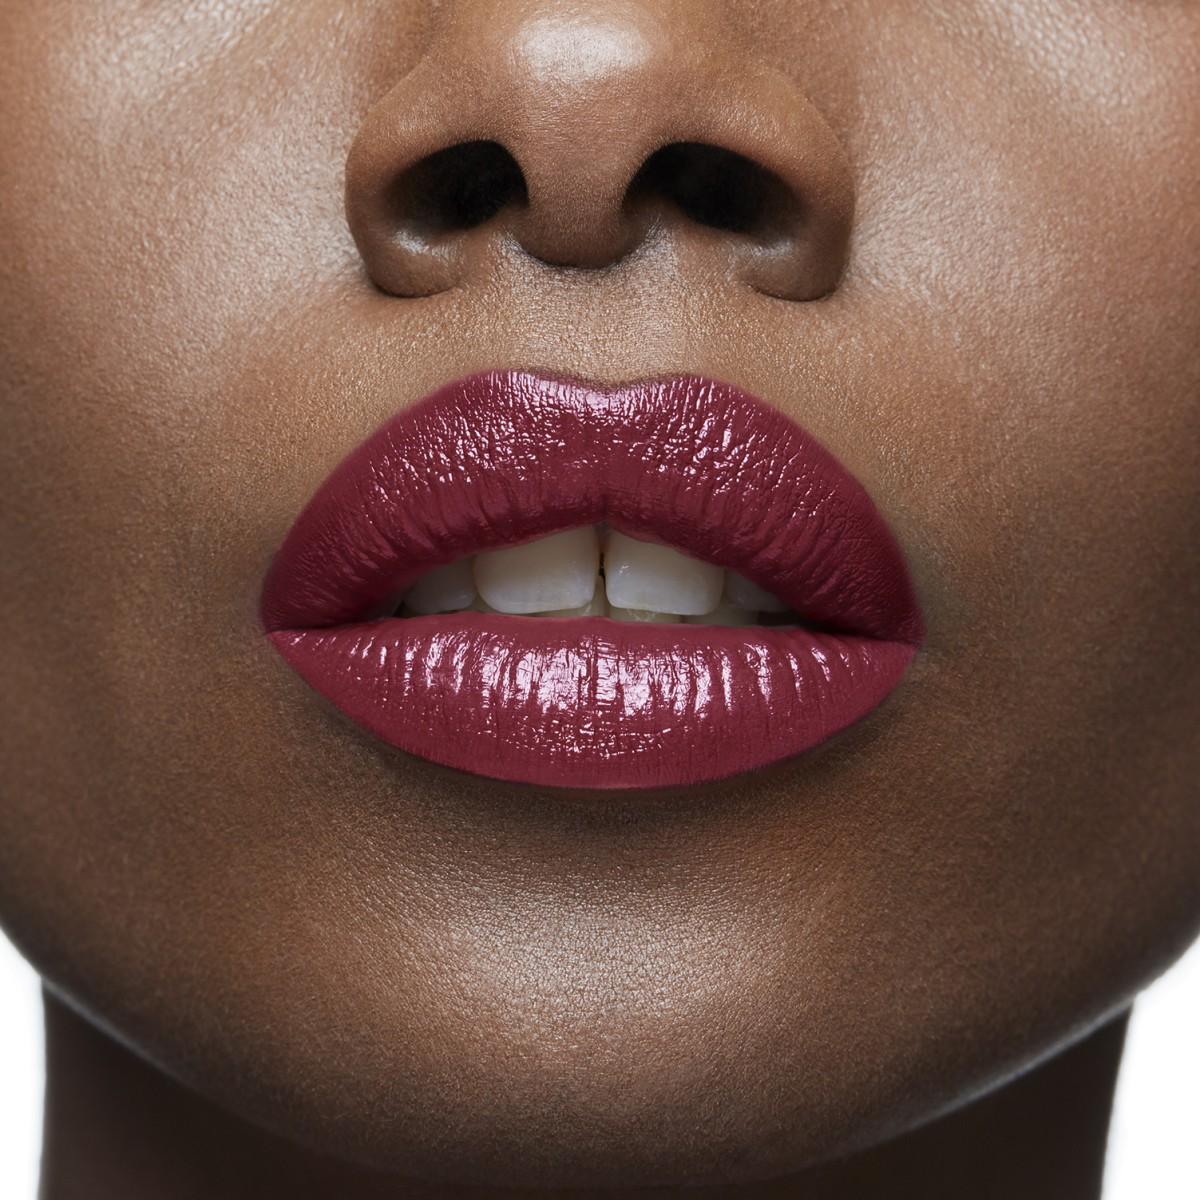 Woman Beauty - Lip Satin (Sans Valeur) - Christian Louboutin